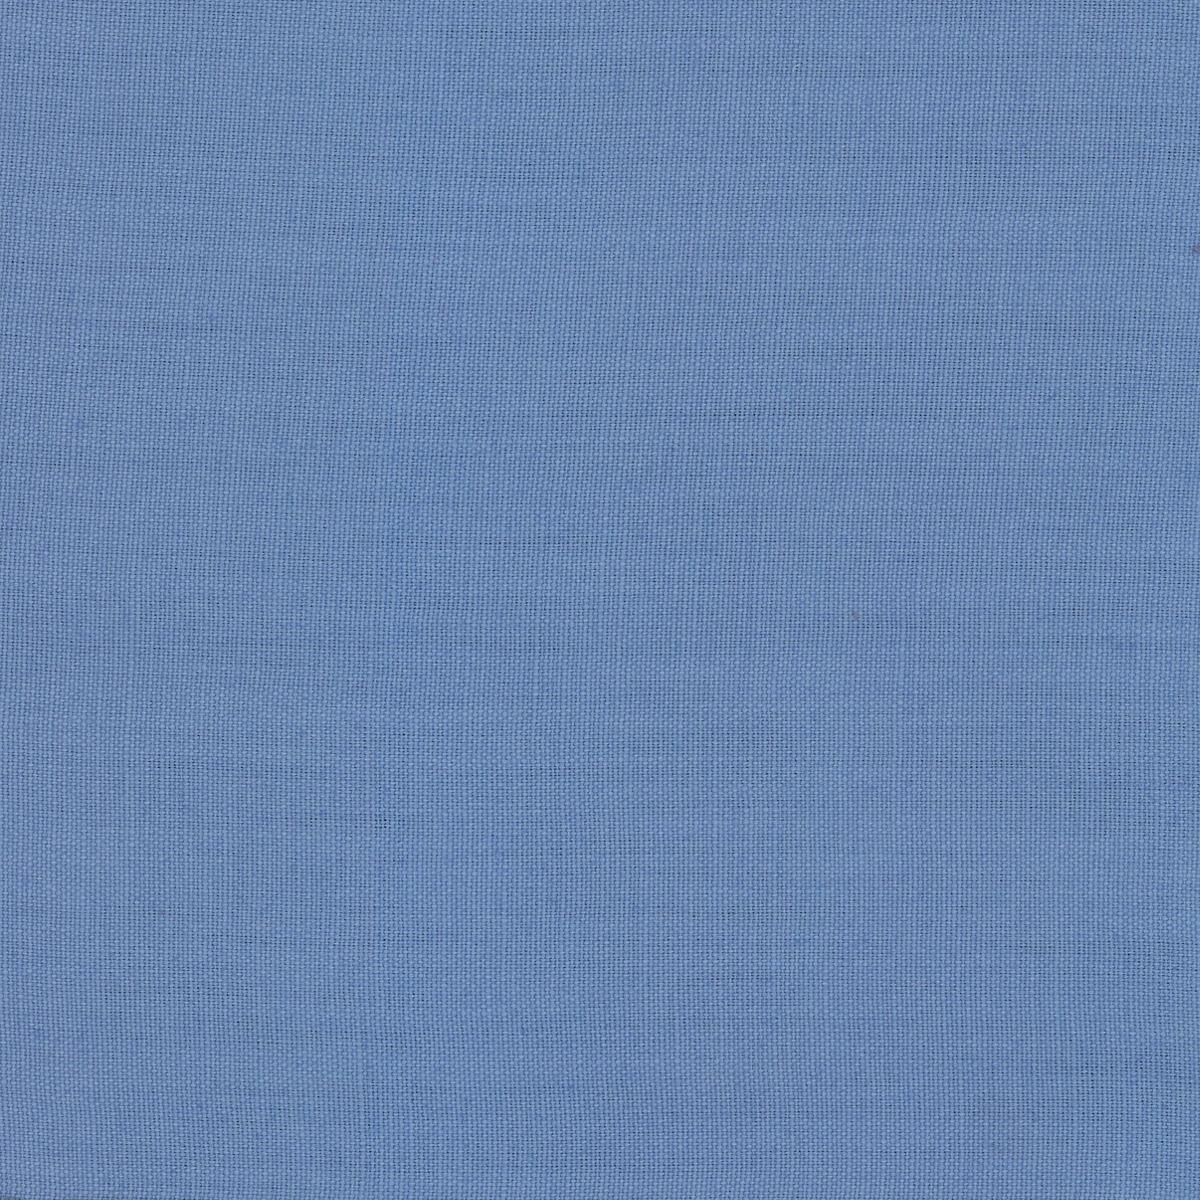 Estate Linen French Blue Ellis Chair Slipcover